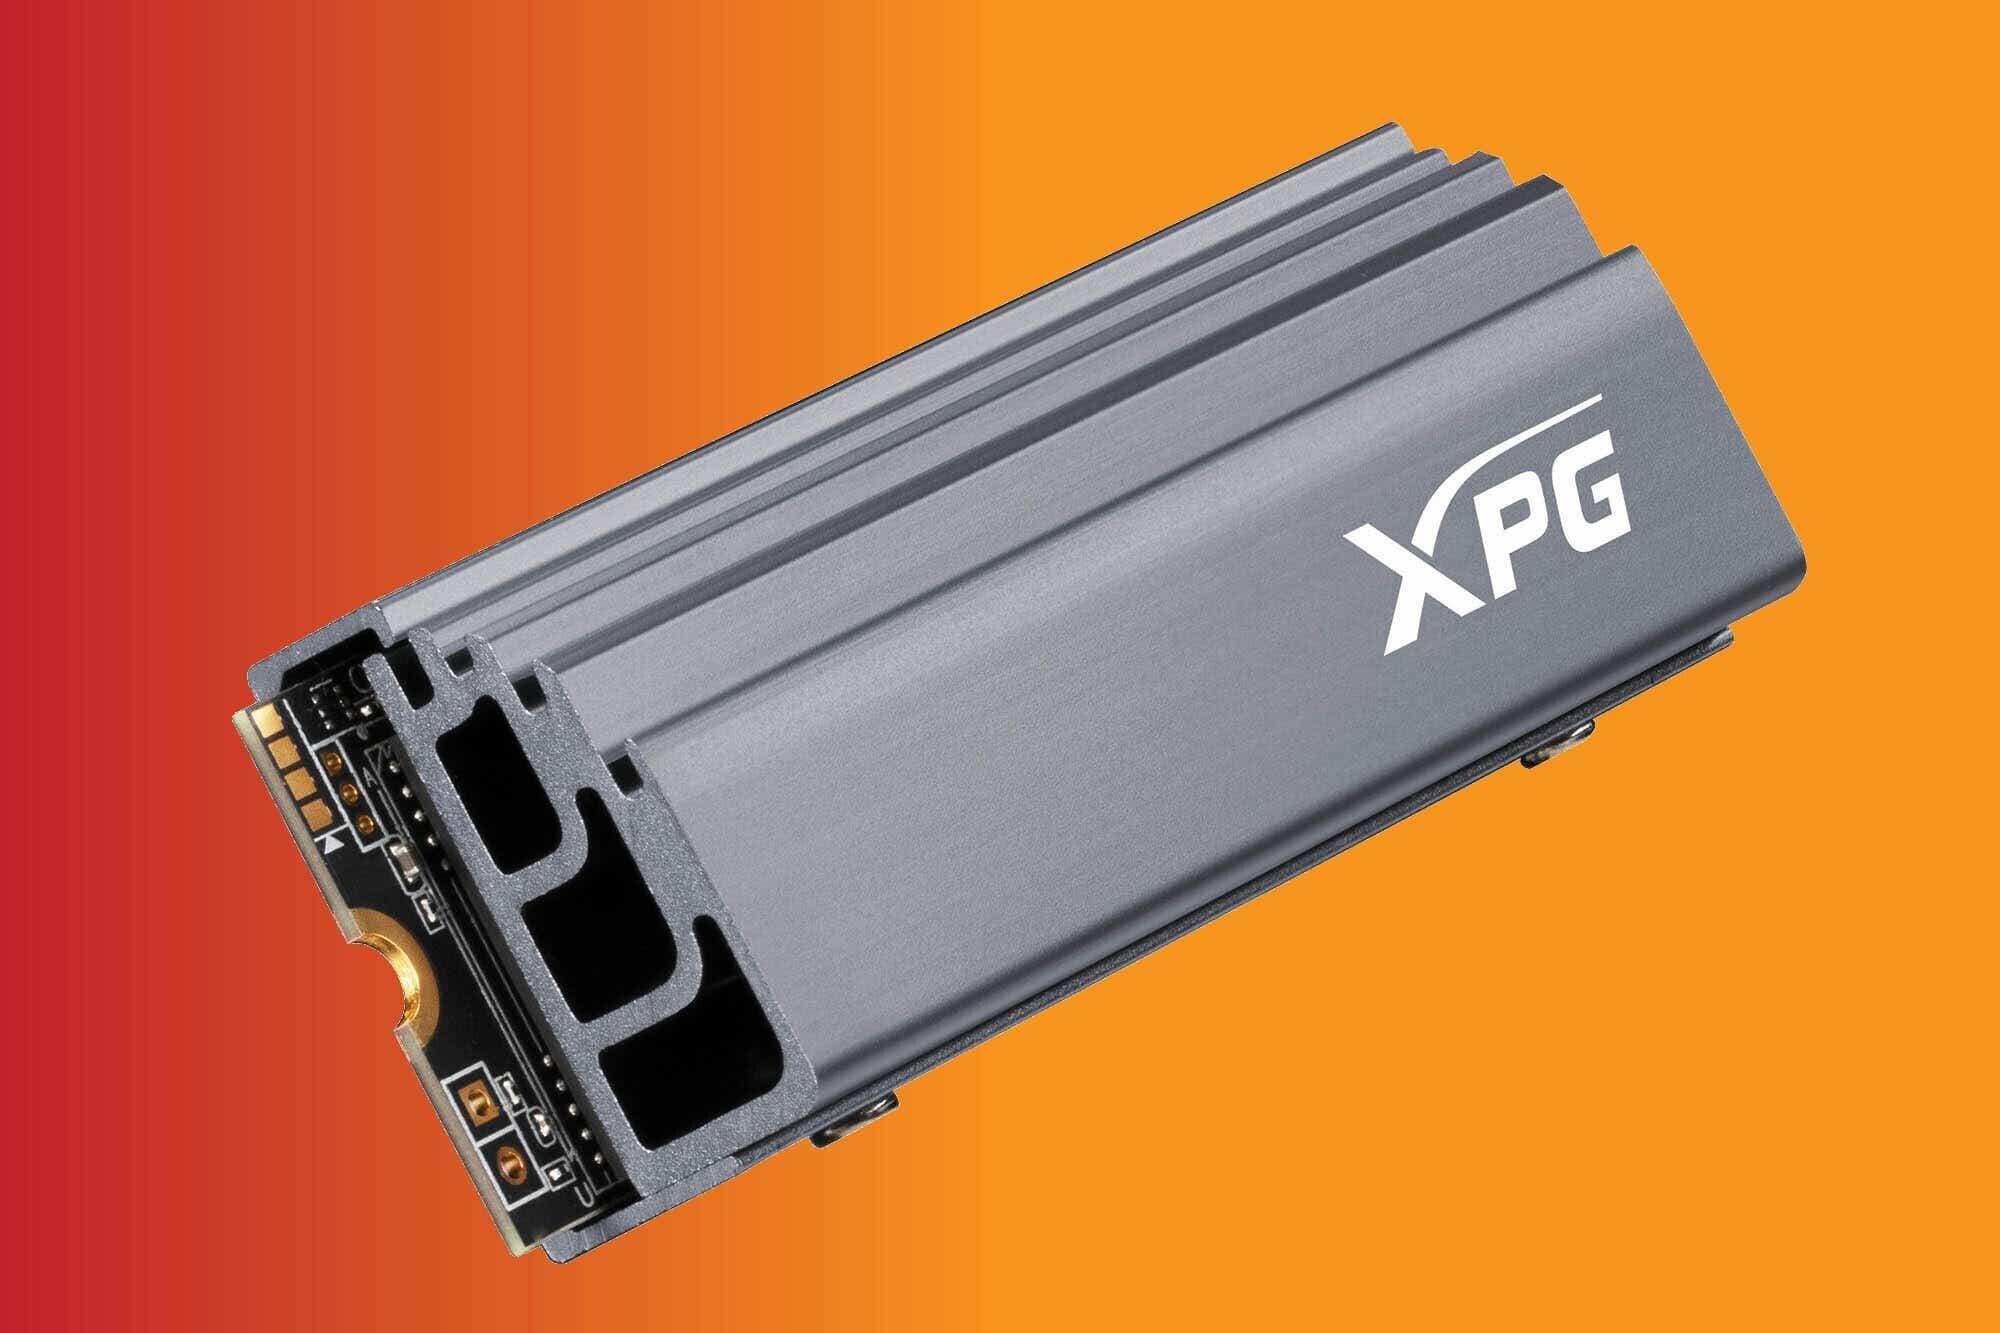 Adata XPG Gammix S70 NVMe SSD (2TB)